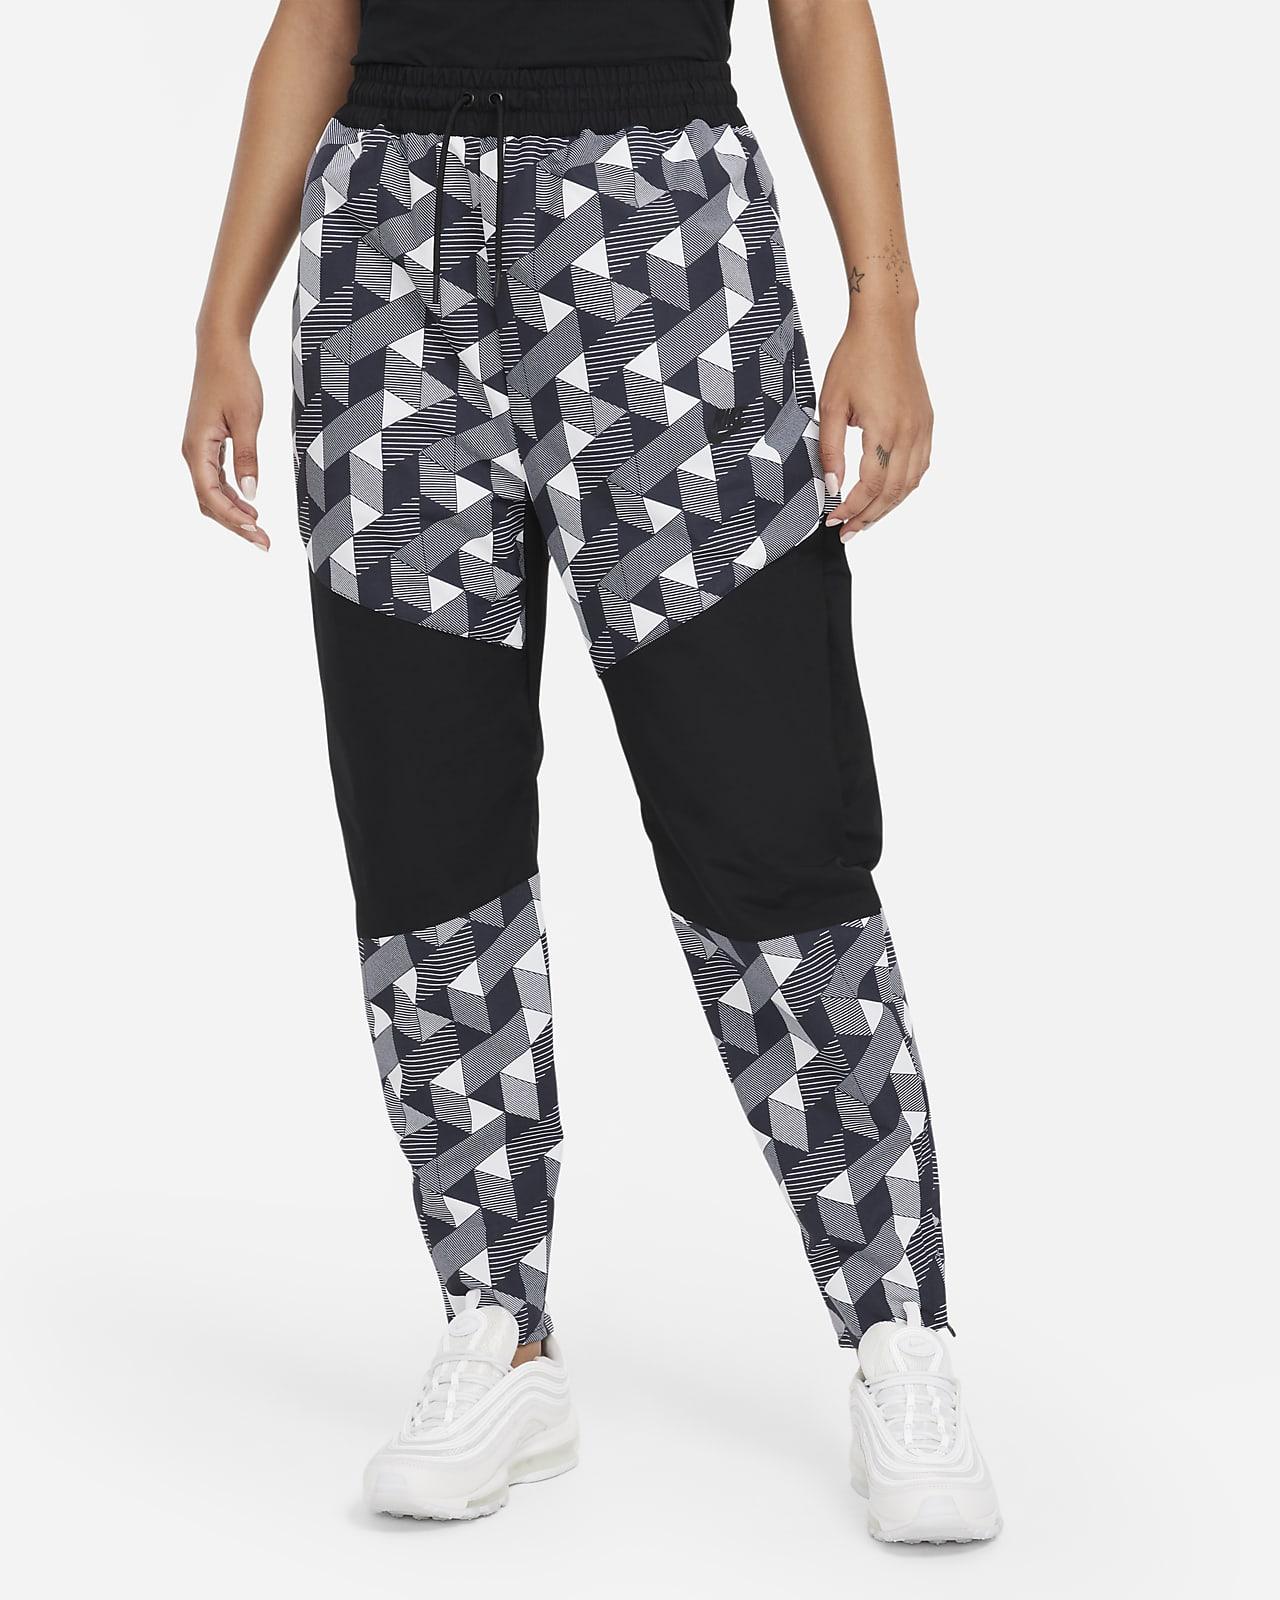 Serena Design Crew Women's Woven Tennis Pants